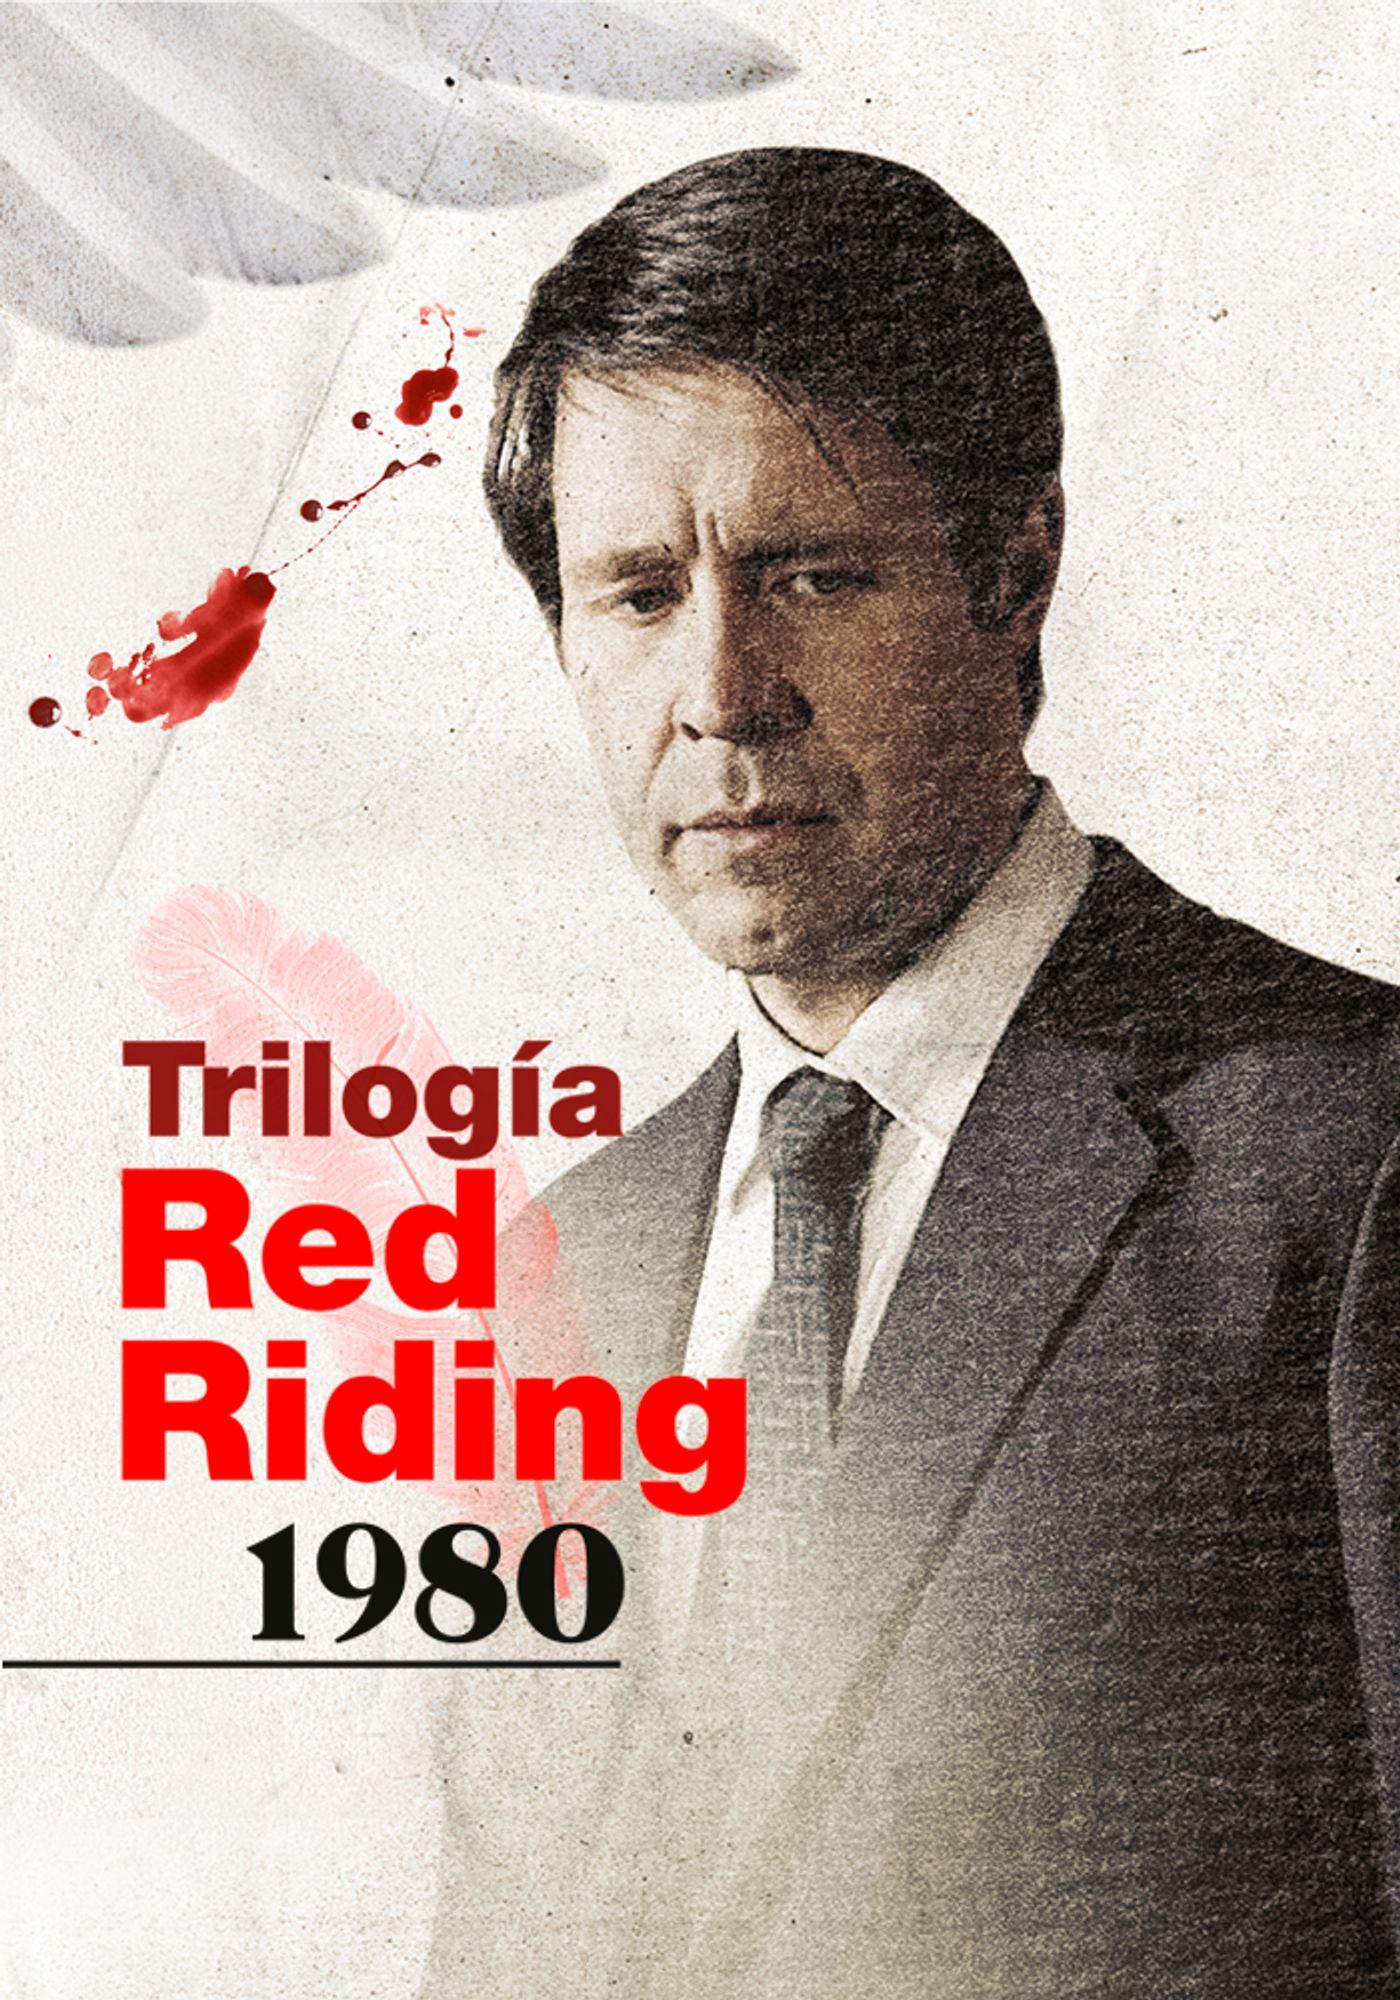 TrilogiaRedRiding1980_MITELE-PLUS_700x1000